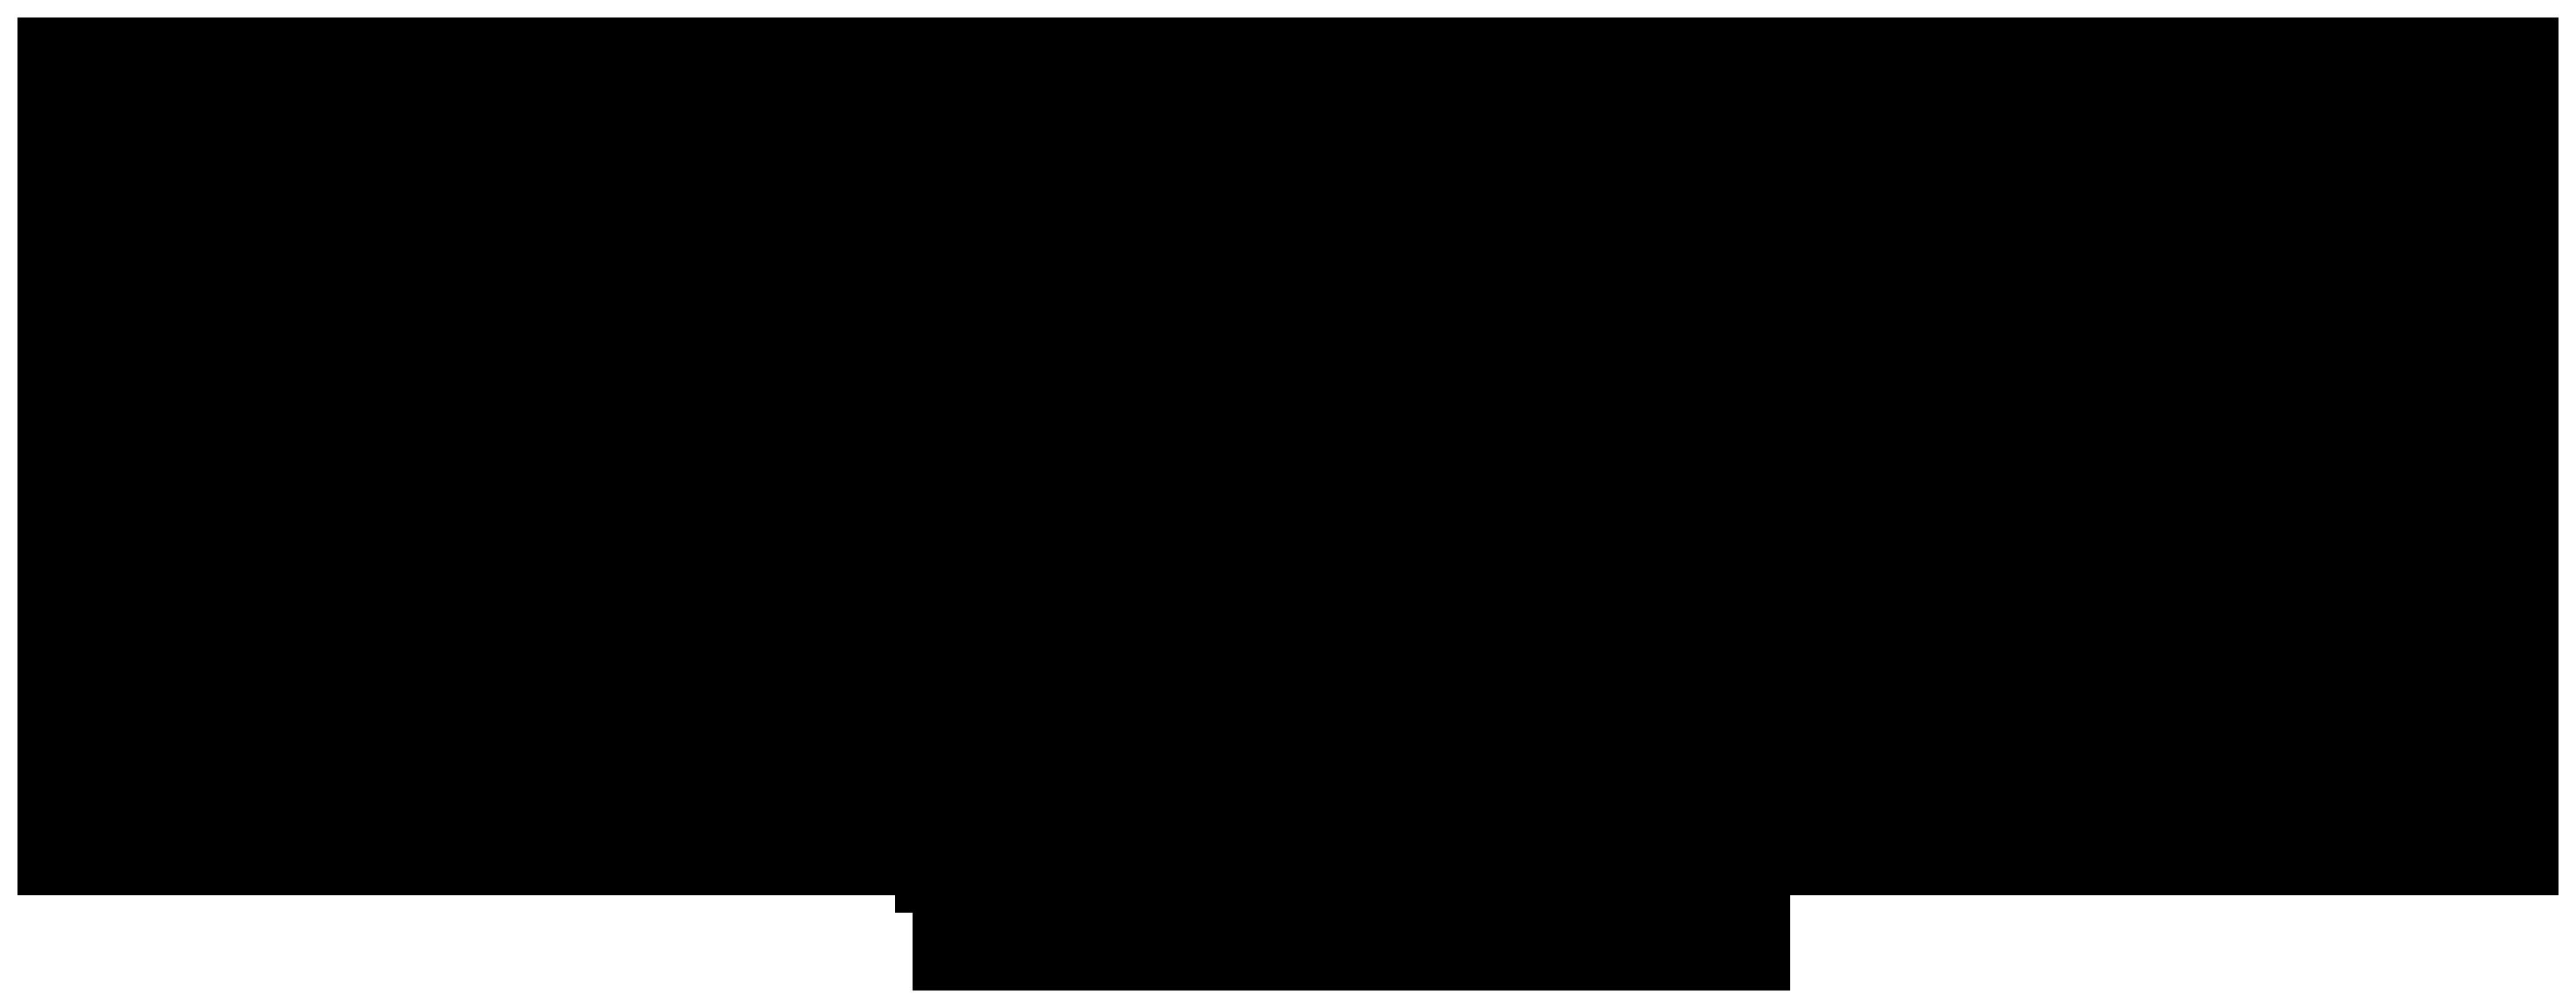 13d1cfe6-7bfc-4b89-adea-605618513aab.png